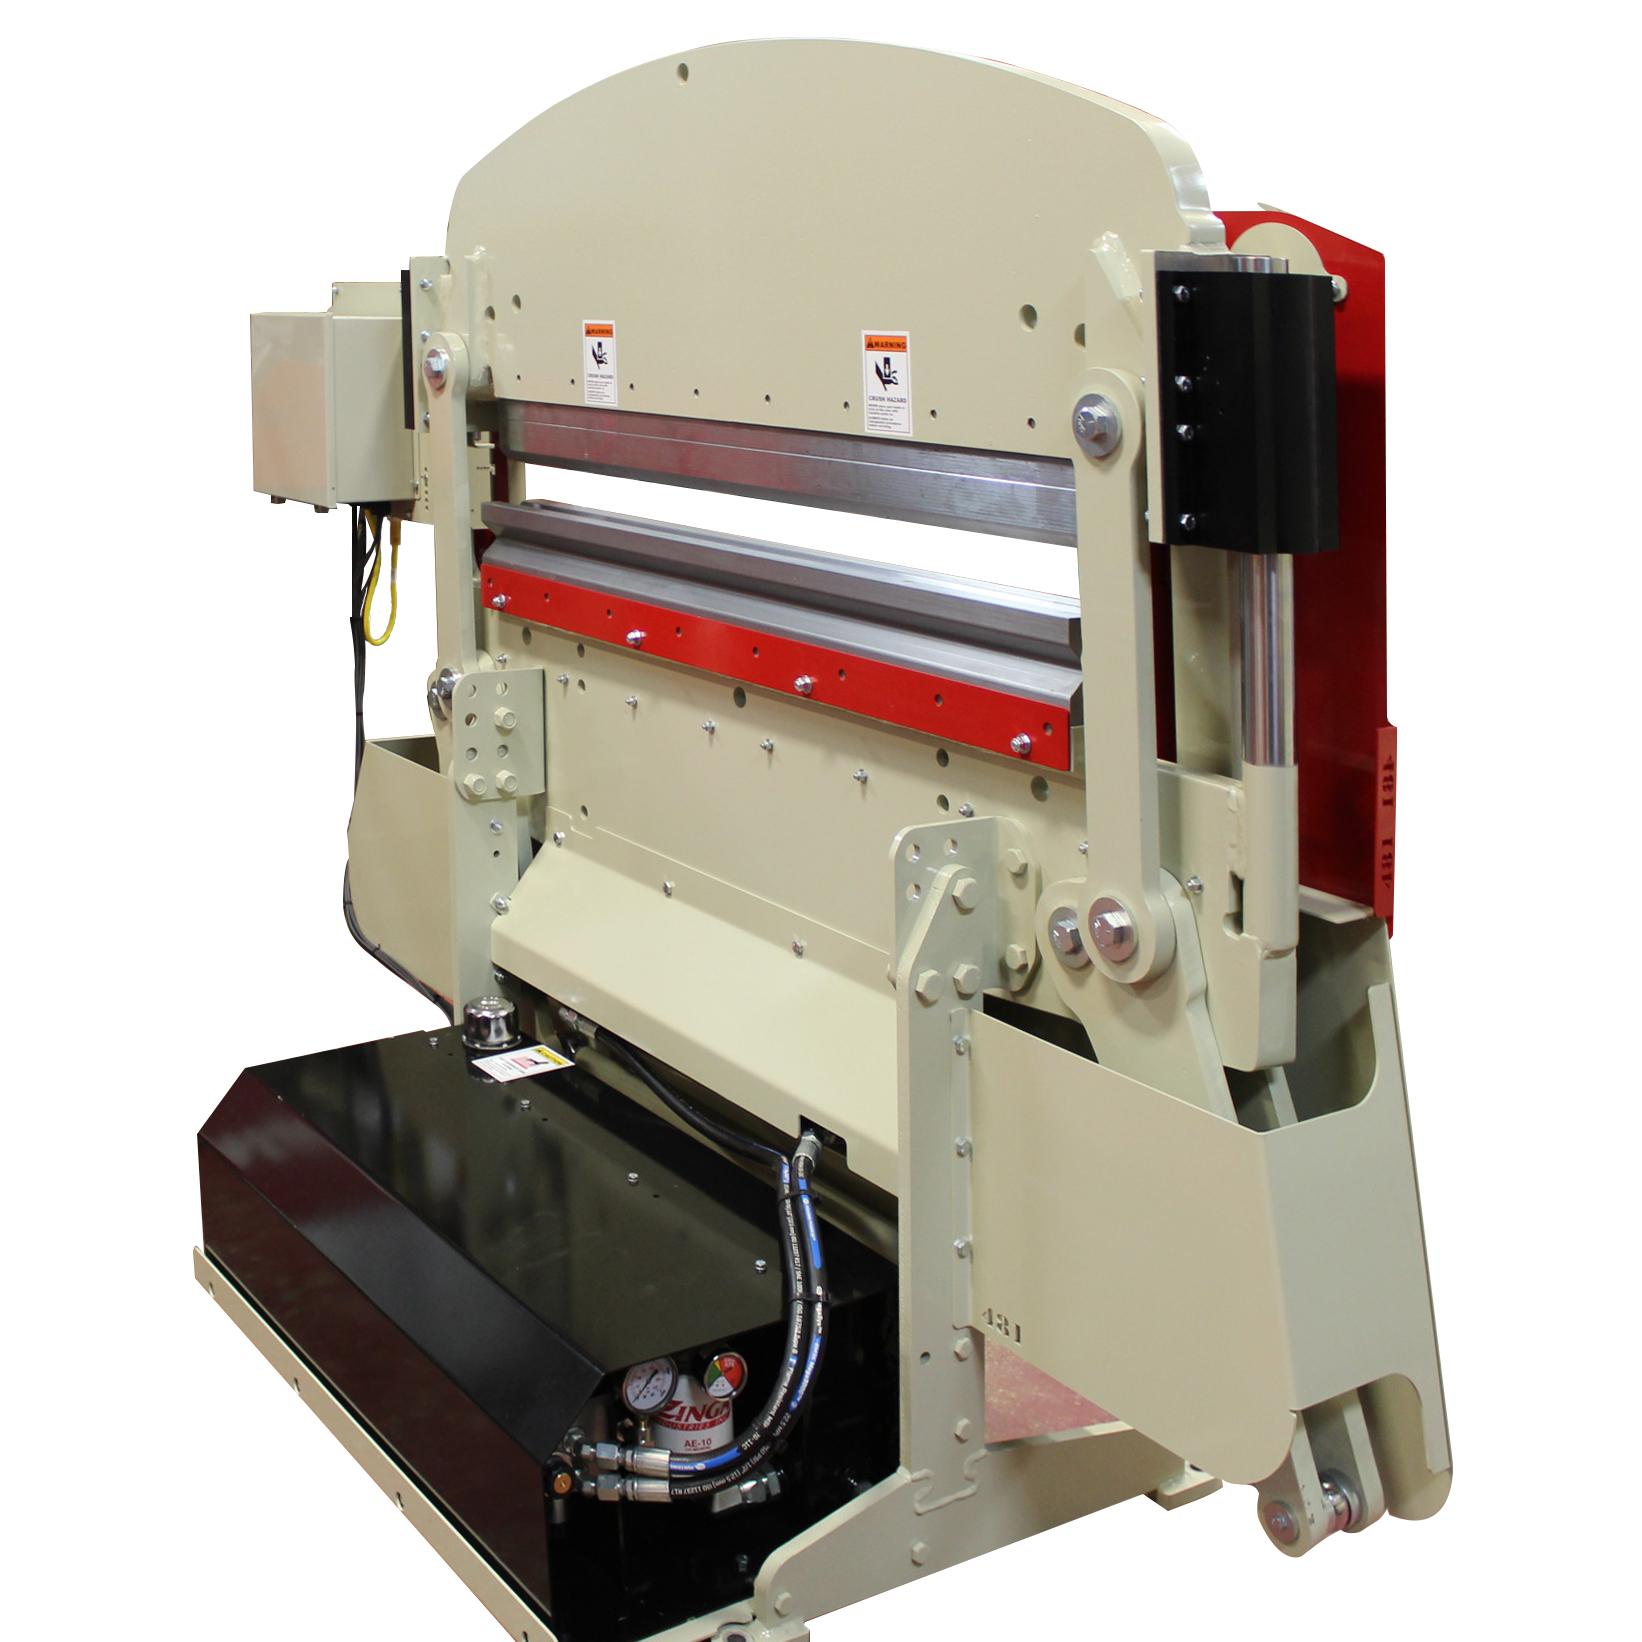 b48/100 press brakes